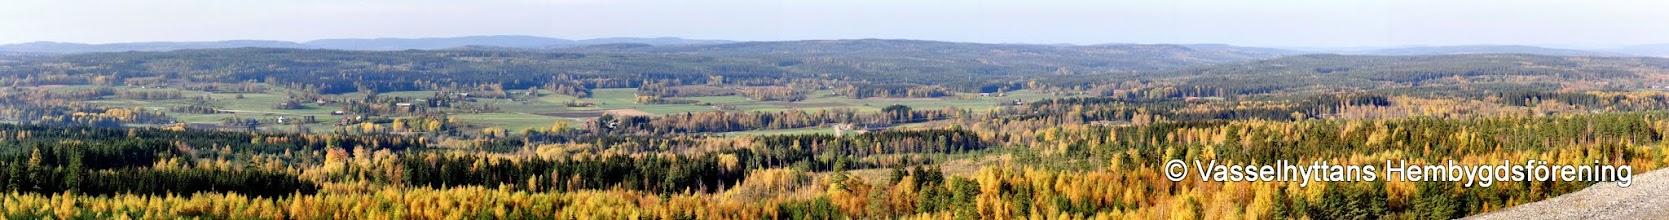 Photo: Vasselhyttan sedd från sligdammen i Stråssa, 2006